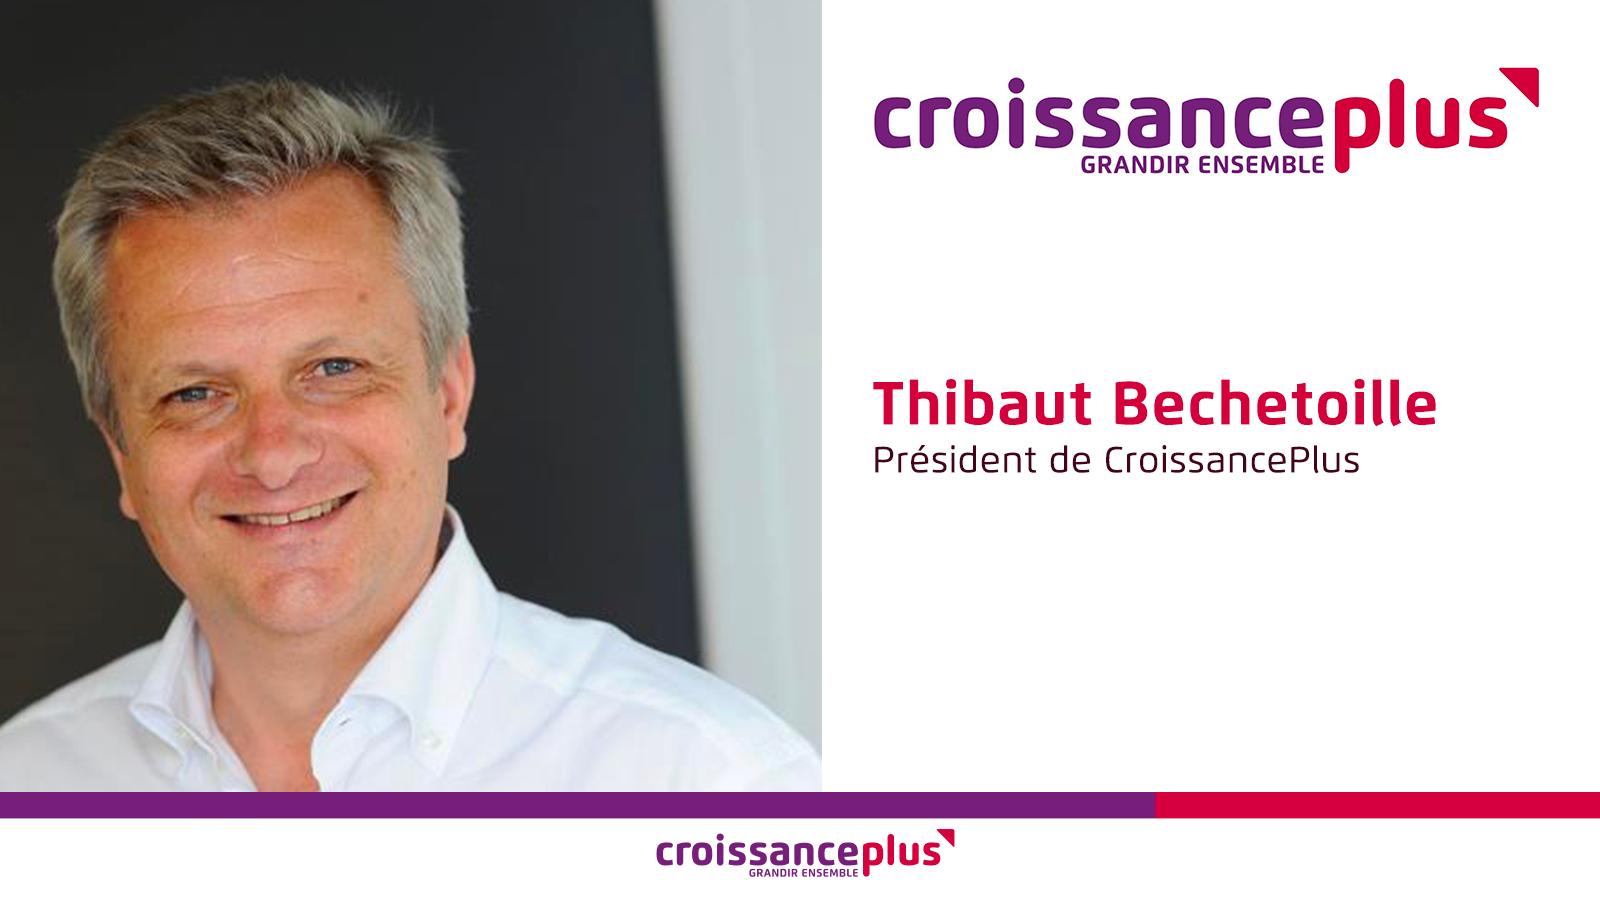 Thibaut Bechetoille est élu Président de CroissancePlus !